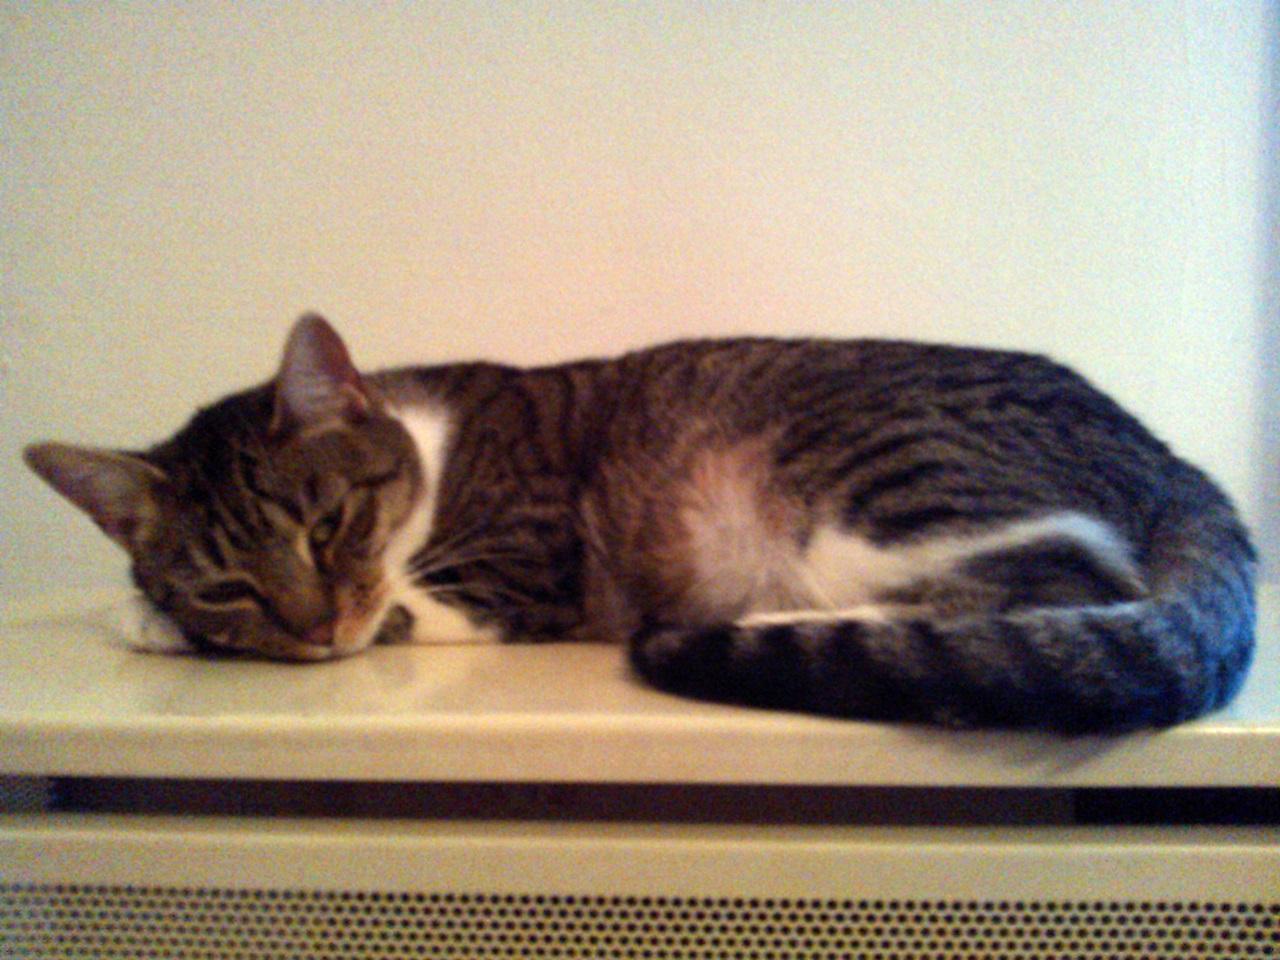 Lucky-t fél évesen mentettem az utcáról. Pár napig ki akart menni, de most már inkább a radiátoron pihizik, és nagyokat játszik a többi cicával :)